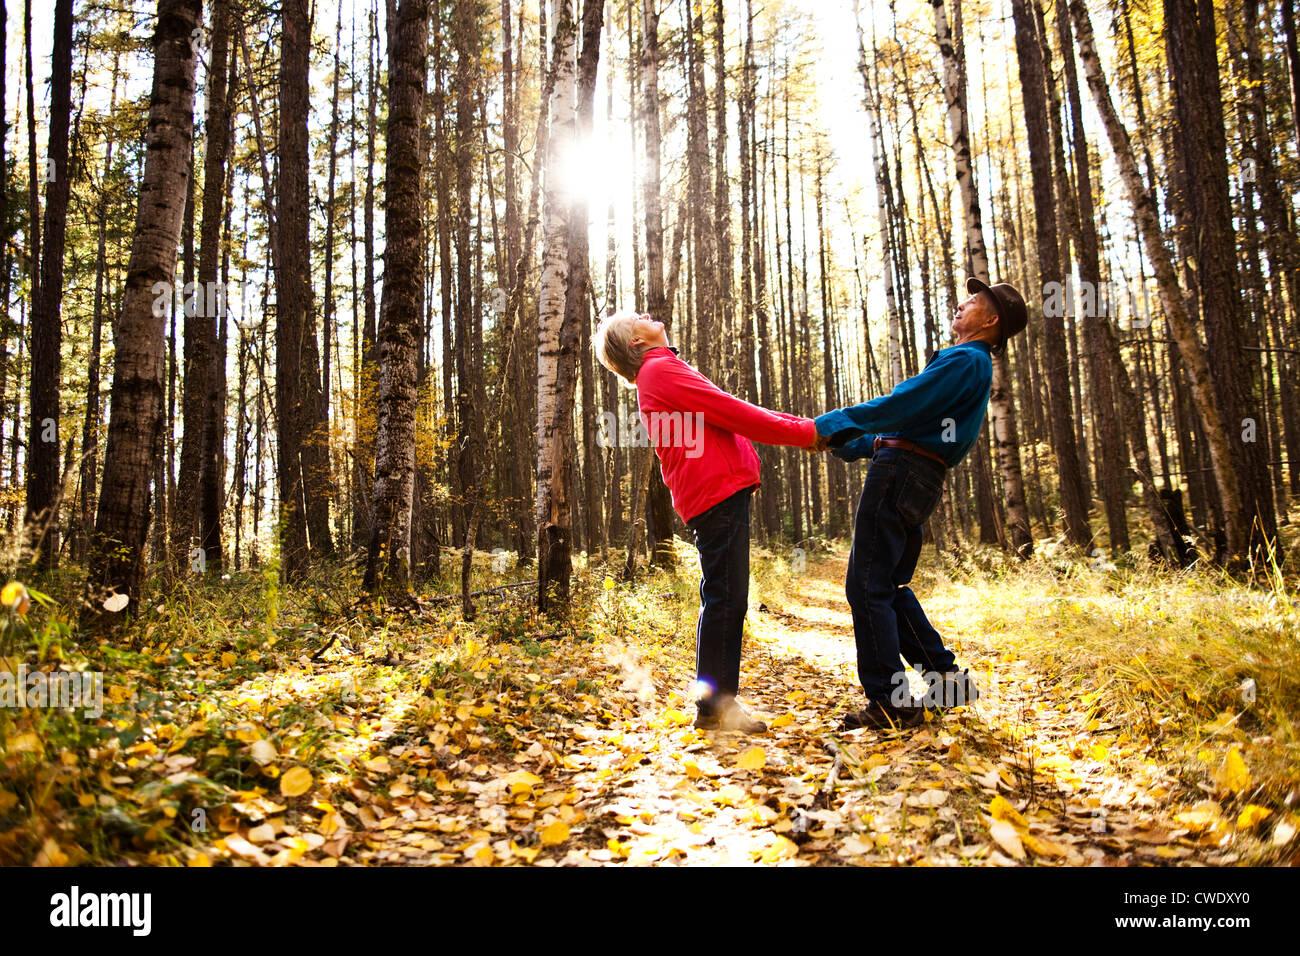 Un heureux couple de retraités rire et sourire alors que l'occasion d'une randonnée à travers une forêt pendant Banque D'Images